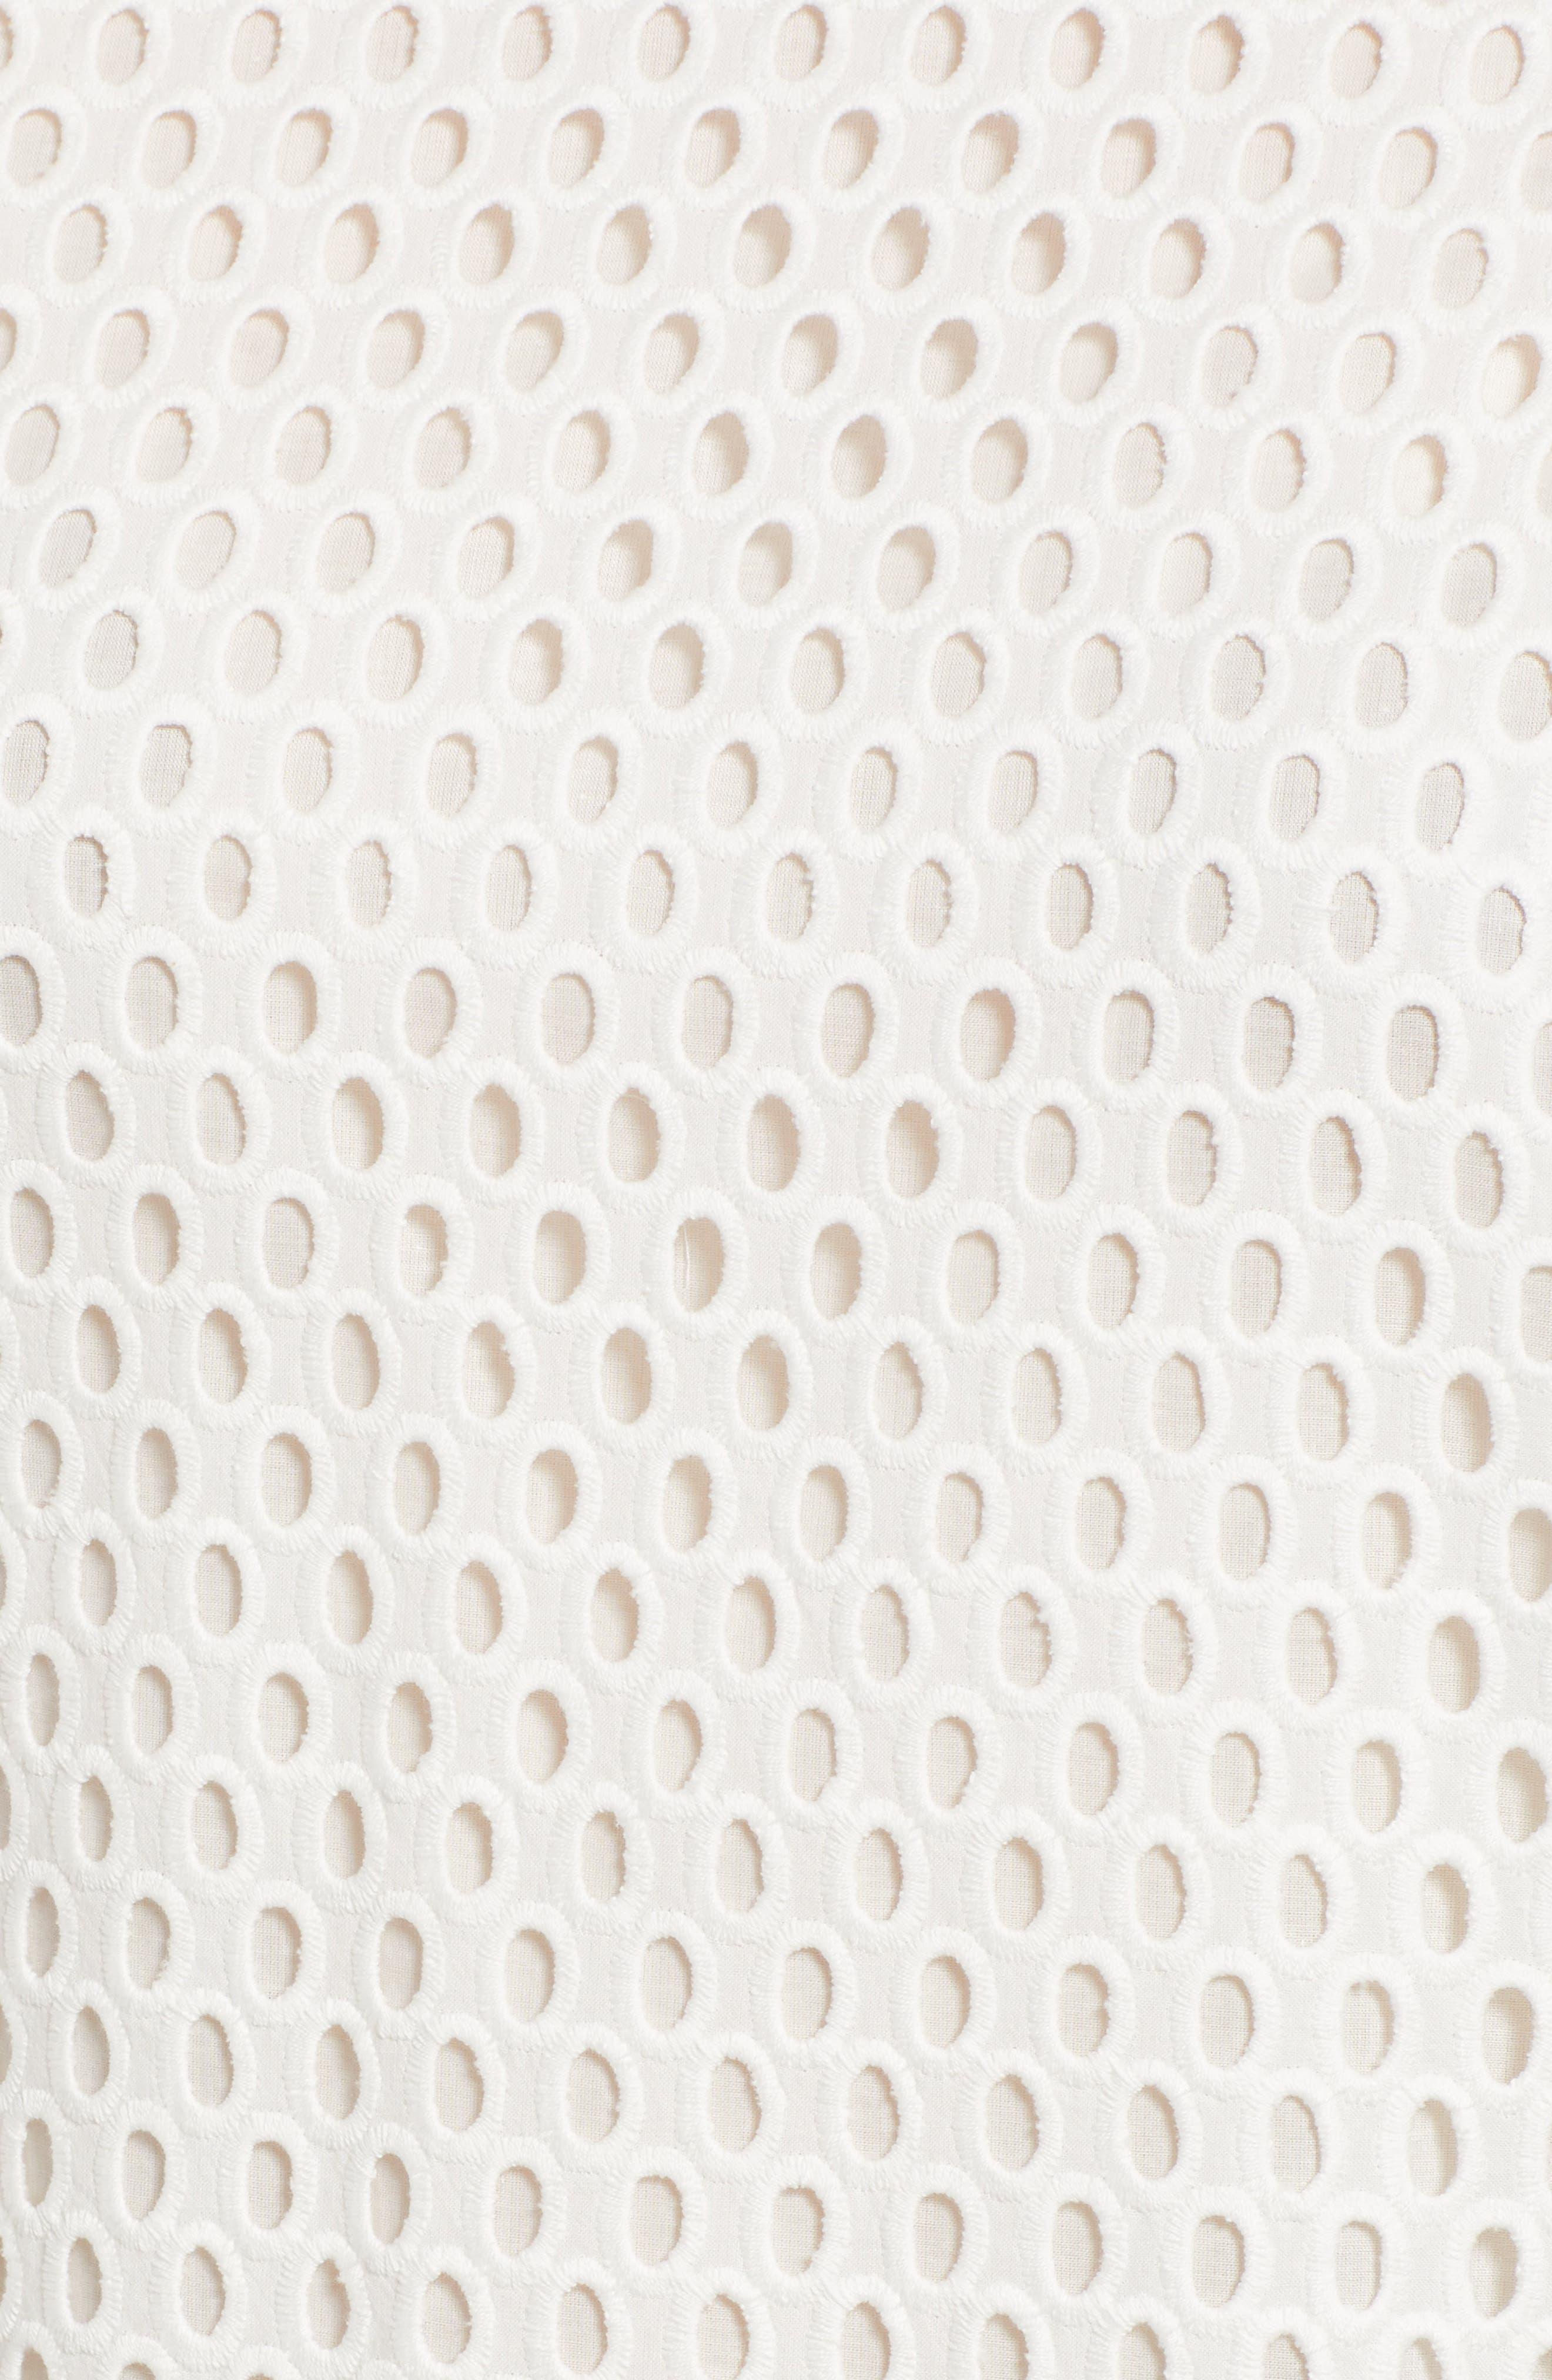 Ilofia Eyelet Overlay Cotton Blouse,                             Alternate thumbnail 5, color,                             VANILLA LIGHT